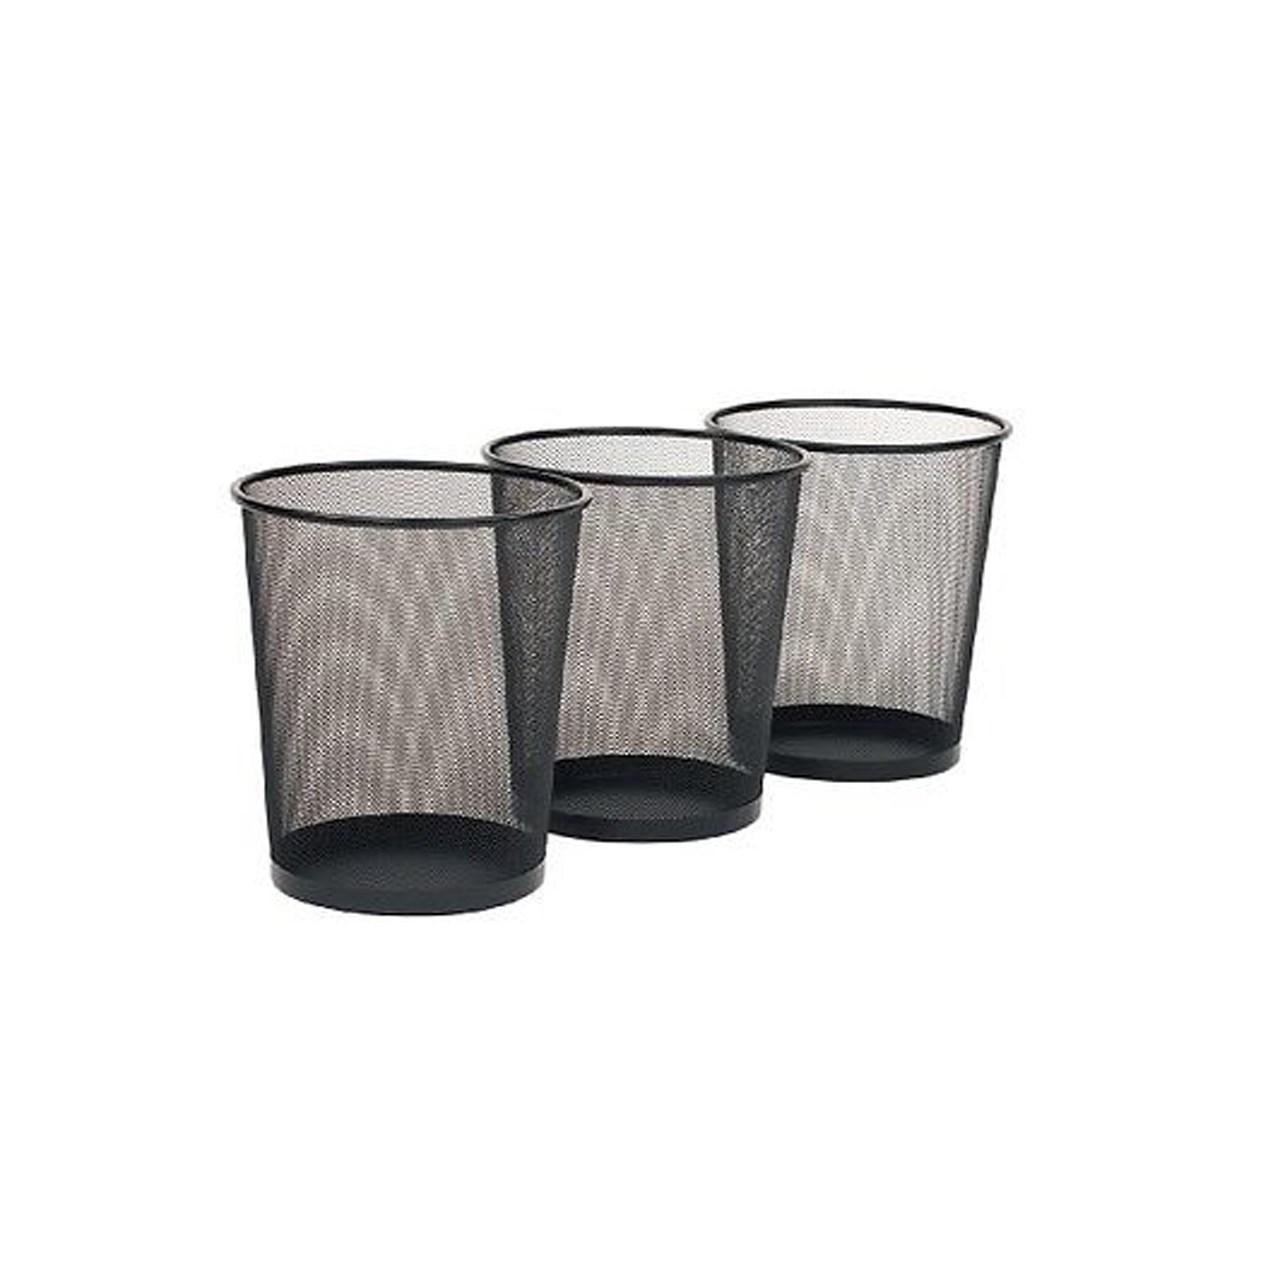 قیمت خرید سطل زباله میلانو مدل CH101 M بسته 3 عددی اورجینال